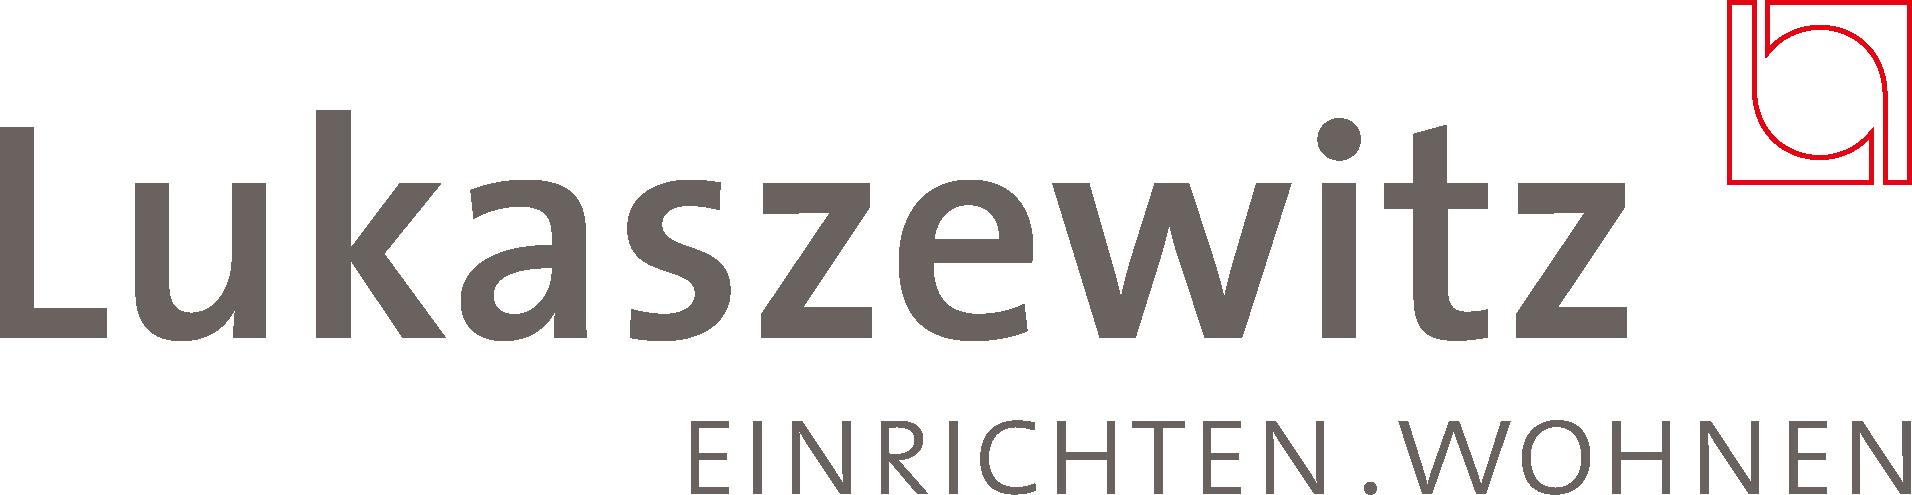 Lukaszewitz